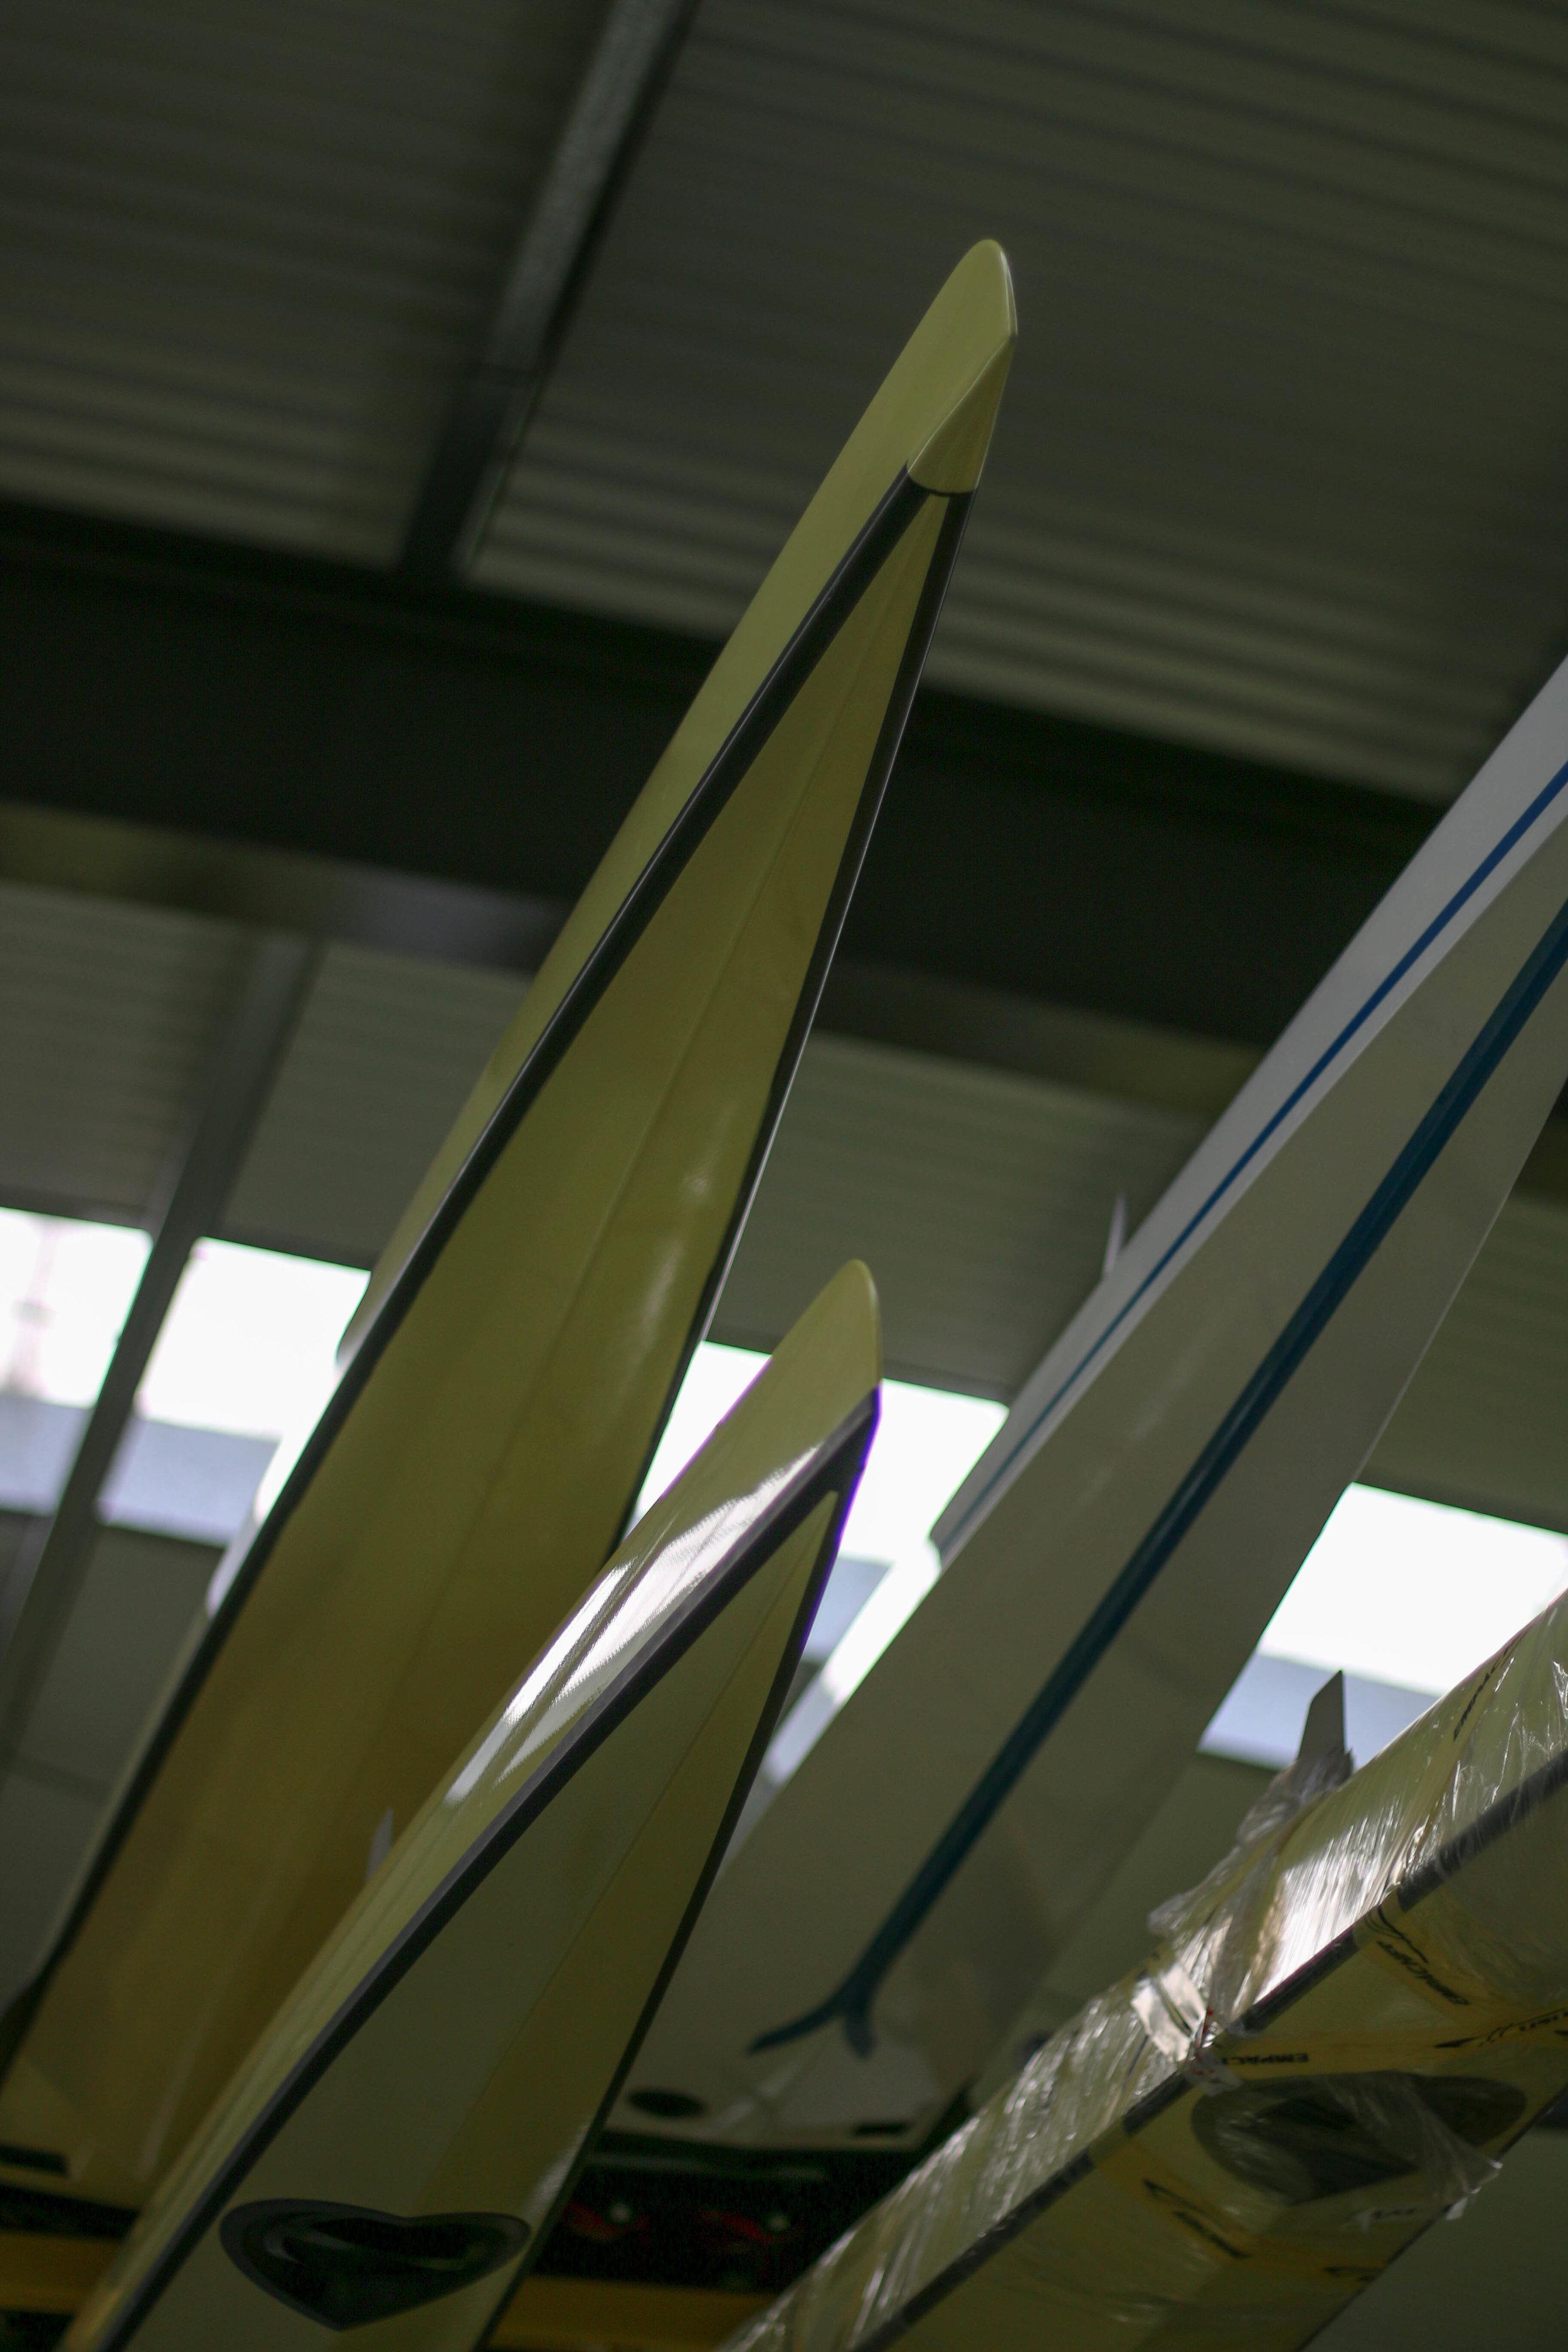 womens-sport-karen-bennett-rowing-athlete37.jpg